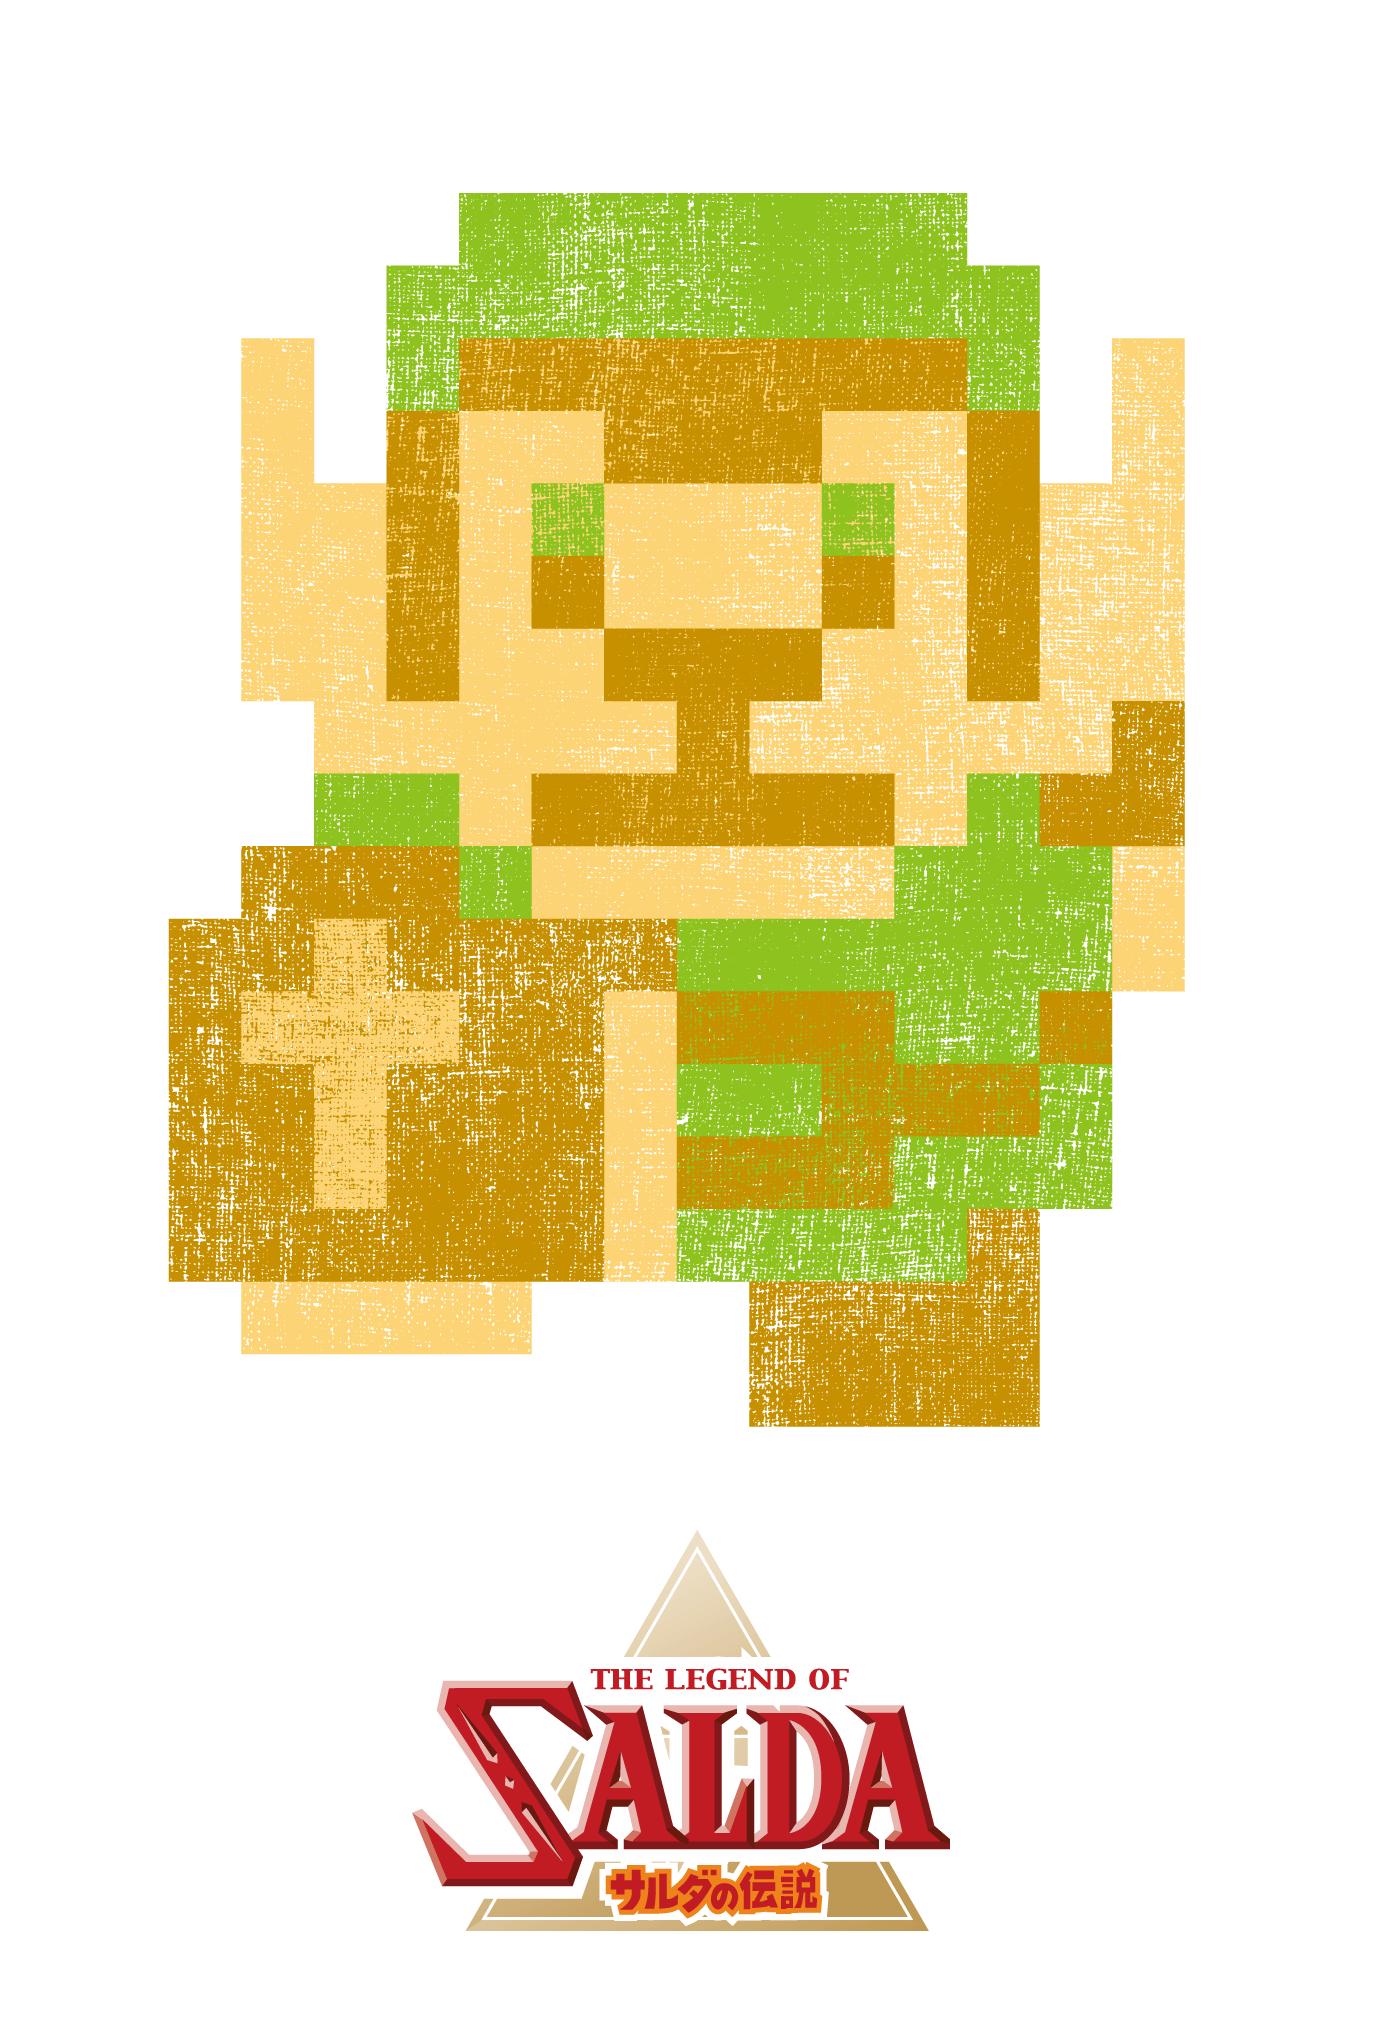 2016年賀状12:サルダの伝説 / The legend of SALDAのダウンロード画像